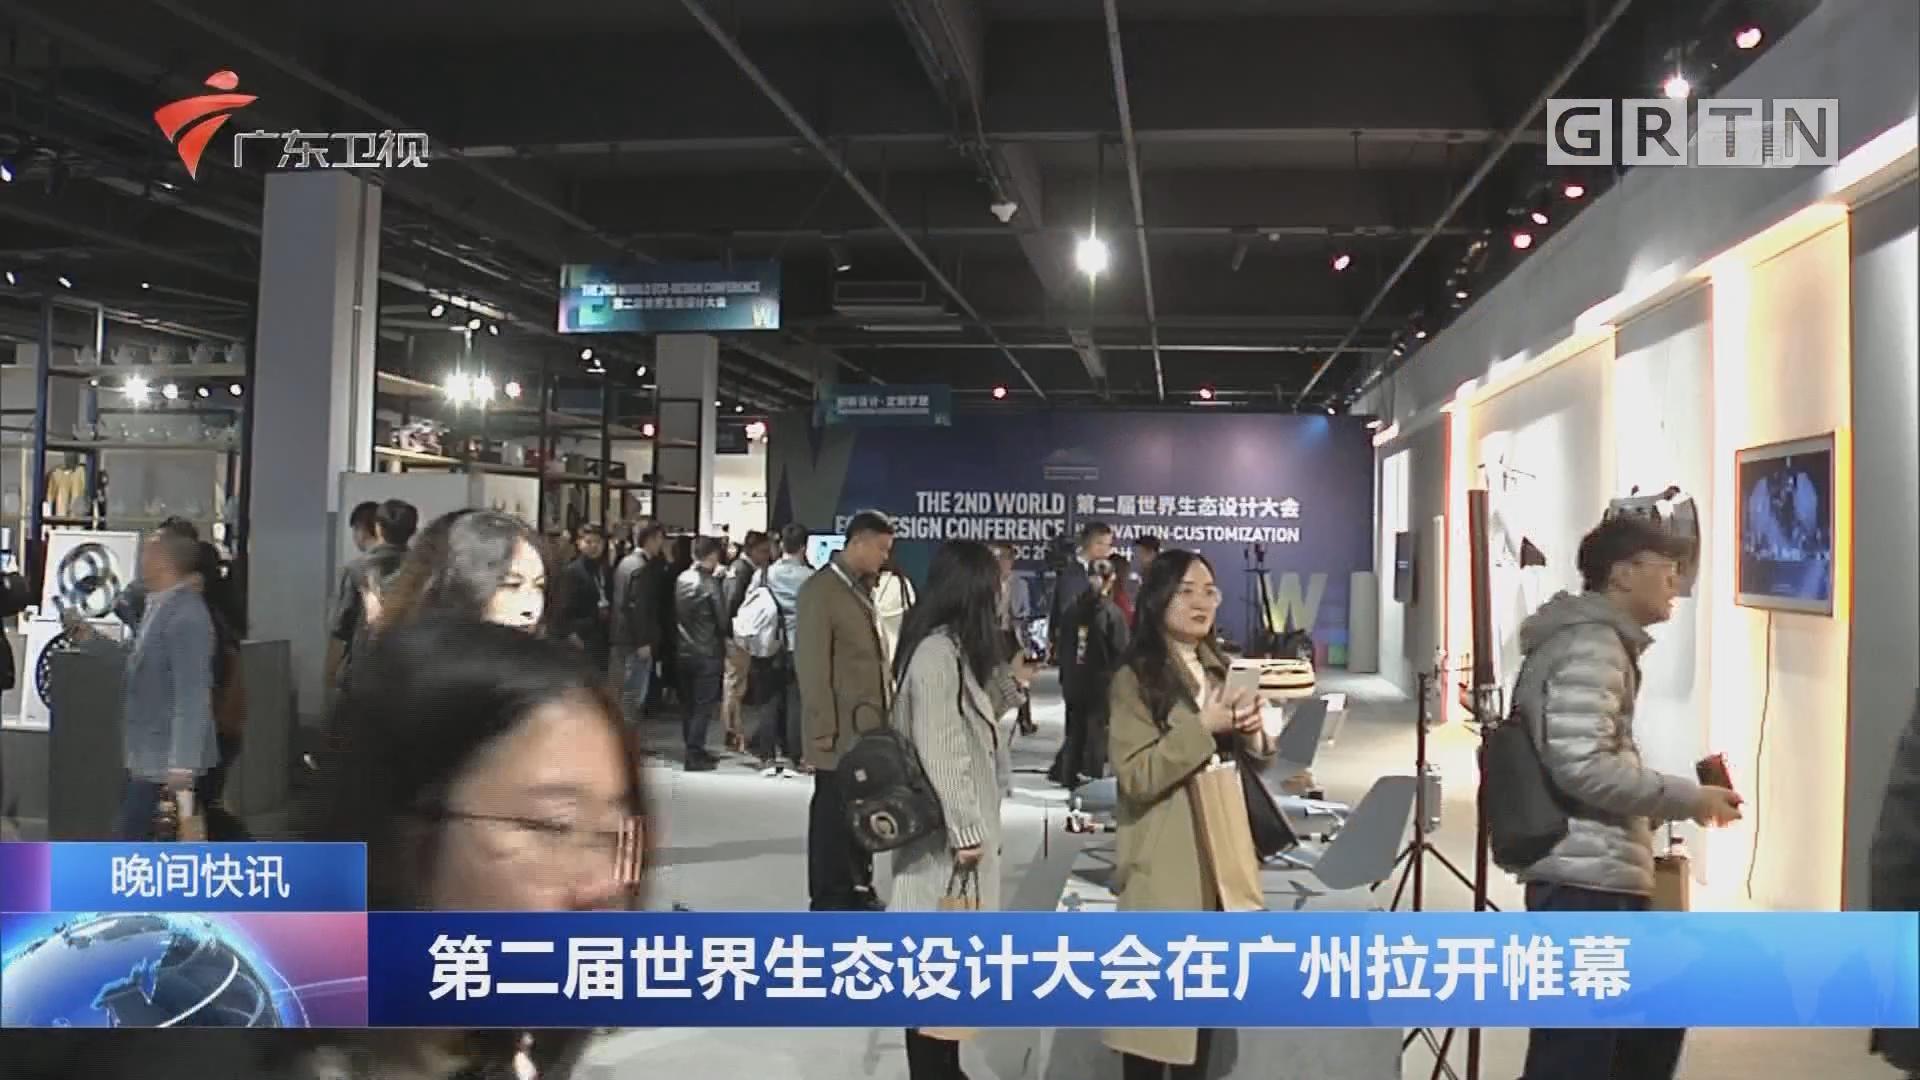 第二届世界生态设计大会在广州拉开帷幕